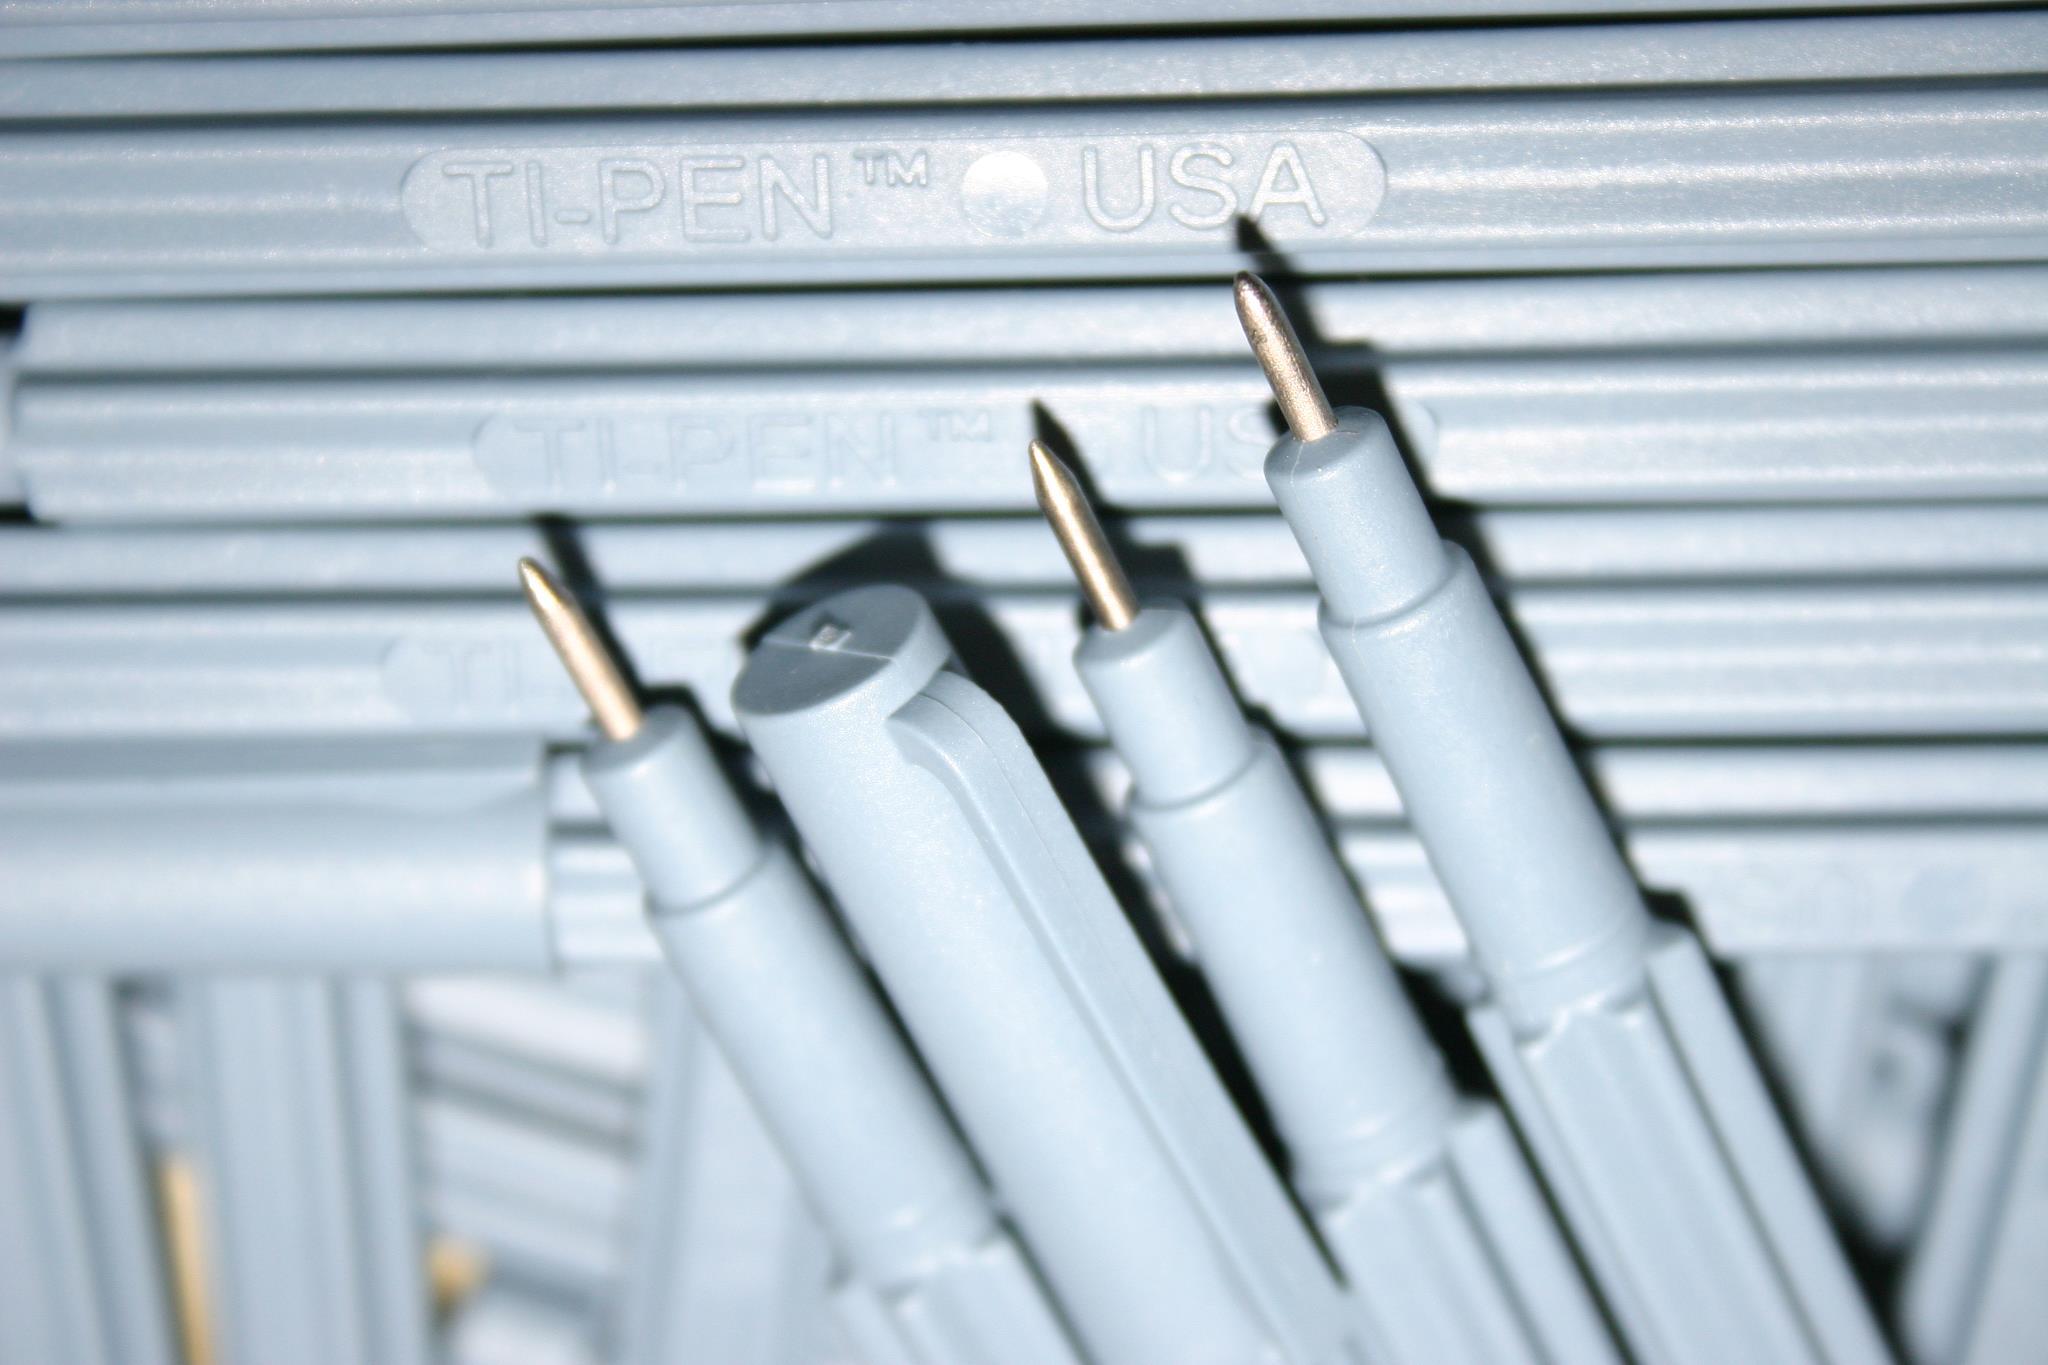 Titanium Pens